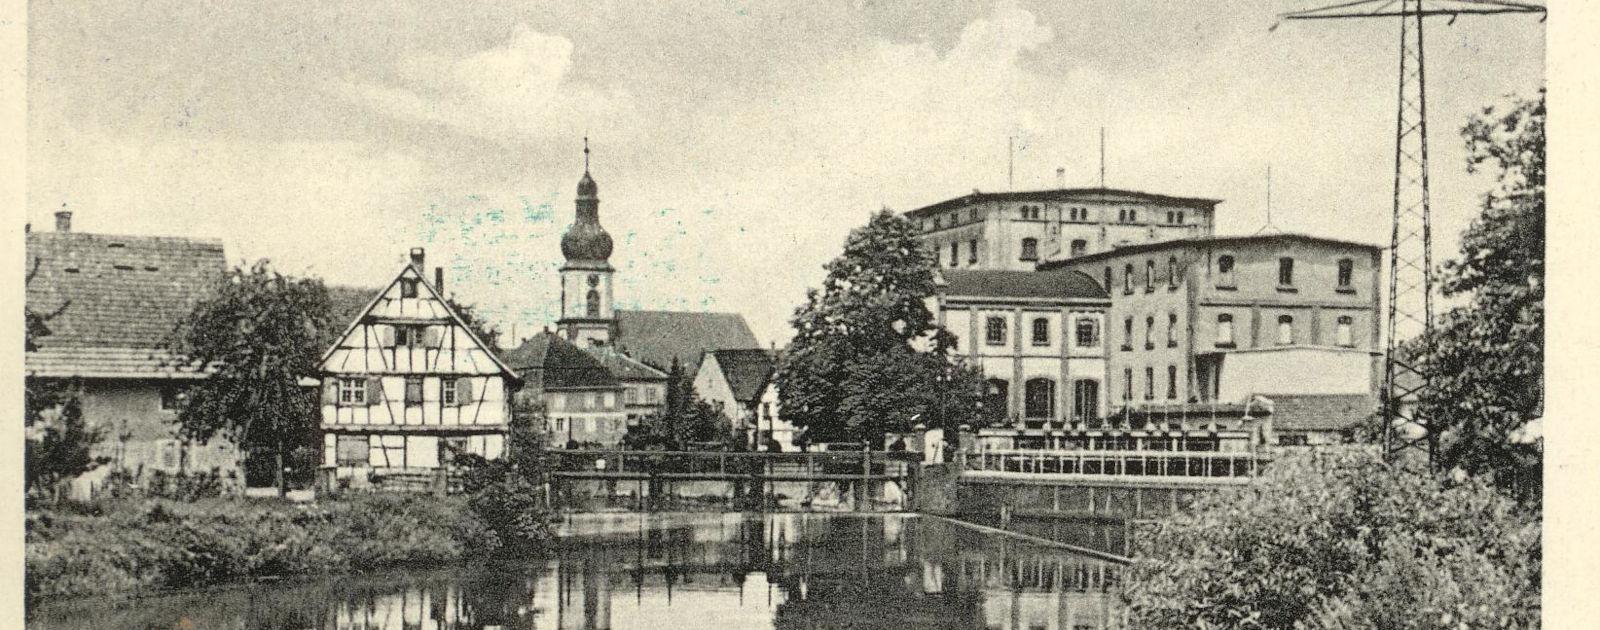 Altes Bild: Kirche und Mühlengebäude in Willstätt